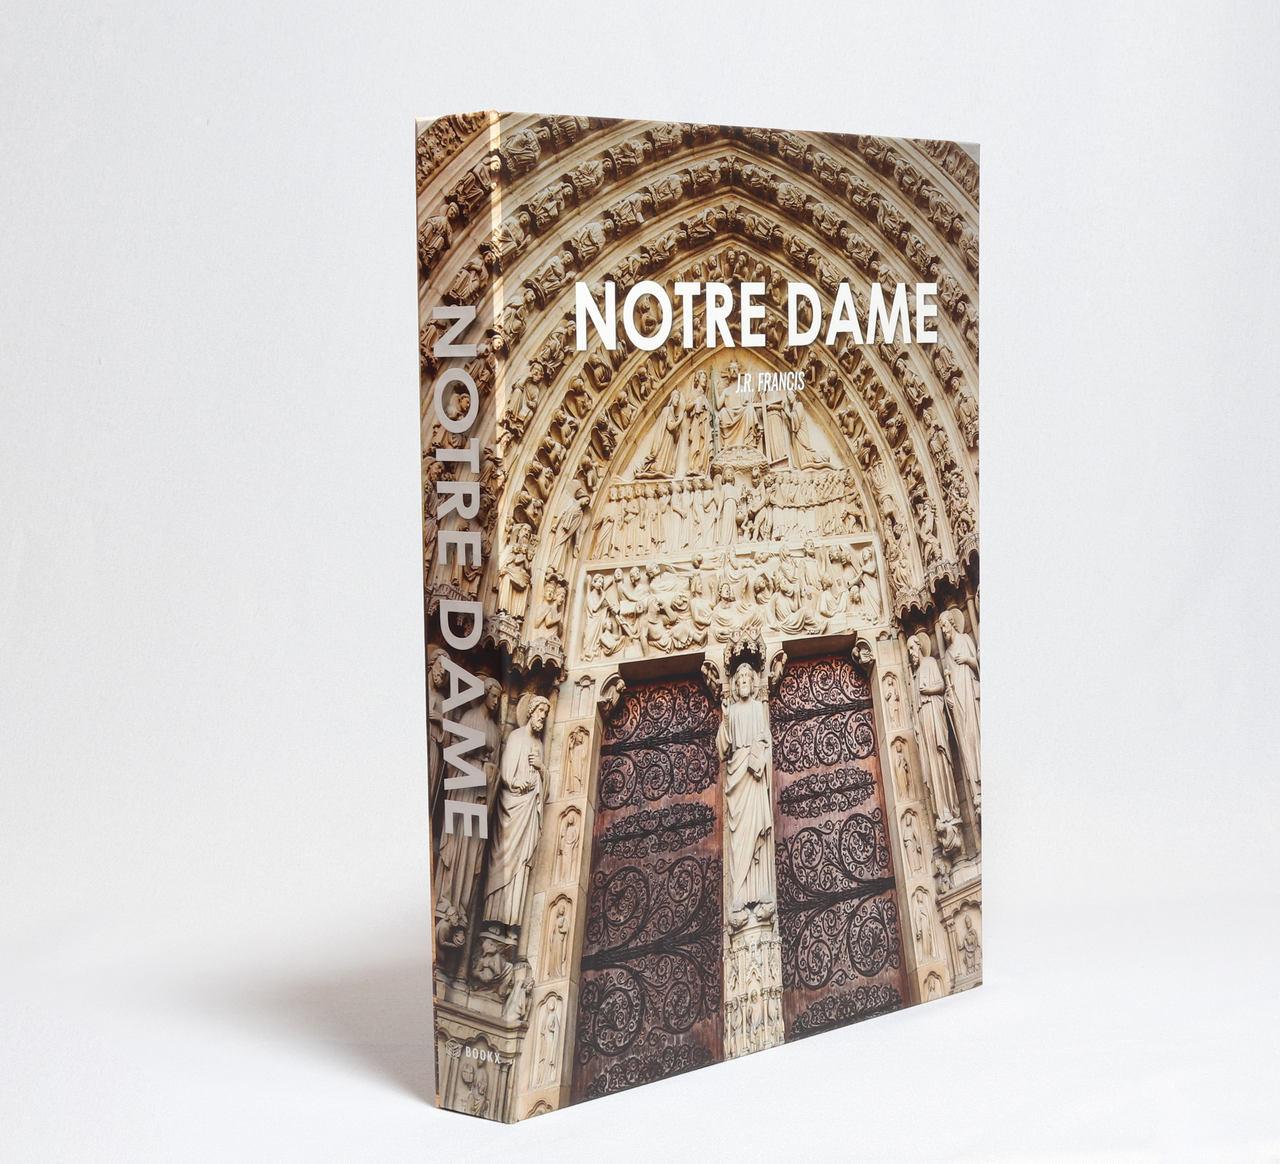 Caixa Livro Notre Dame